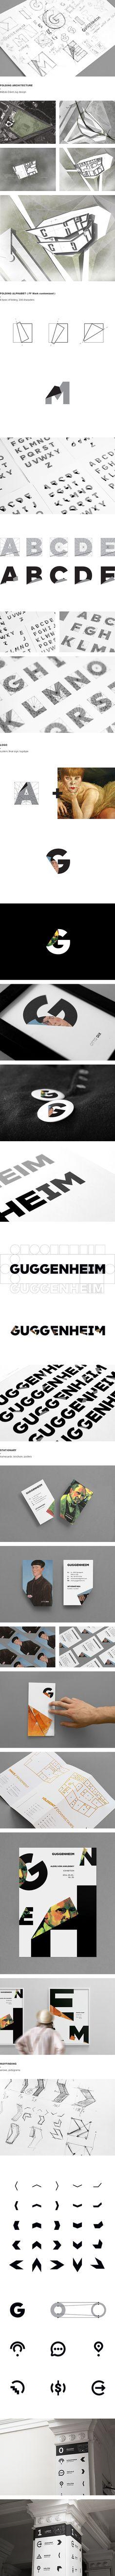 The Hungarian Guggenheim